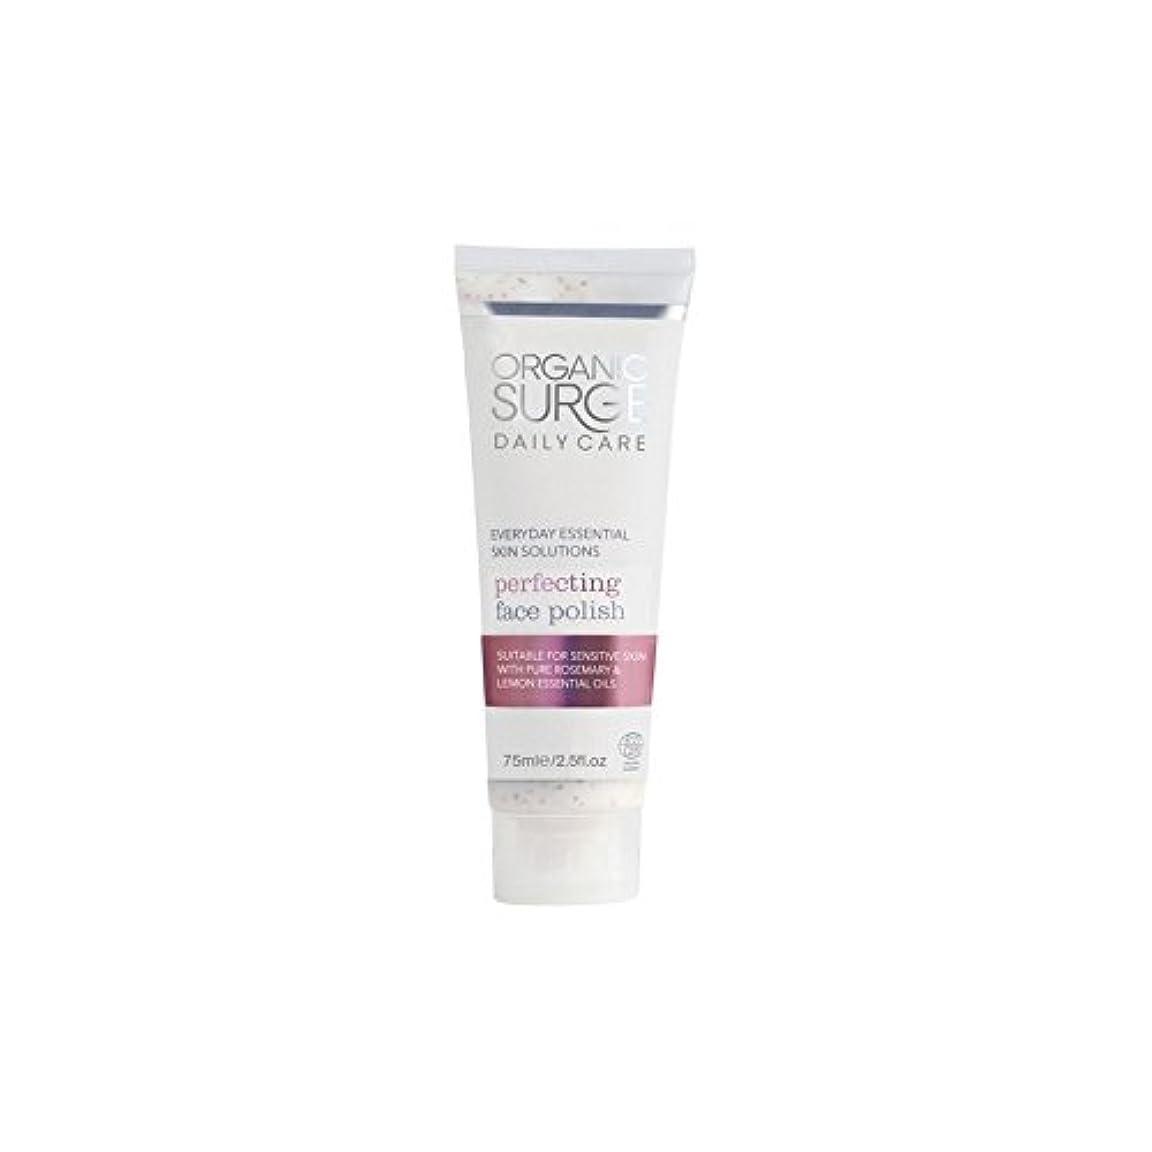 説明のヒープベースOrganic Surge Daily Care Perfecting Face Polish (75ml) - 面研磨を完成有機サージ毎日のケア(75ミリリットル) [並行輸入品]